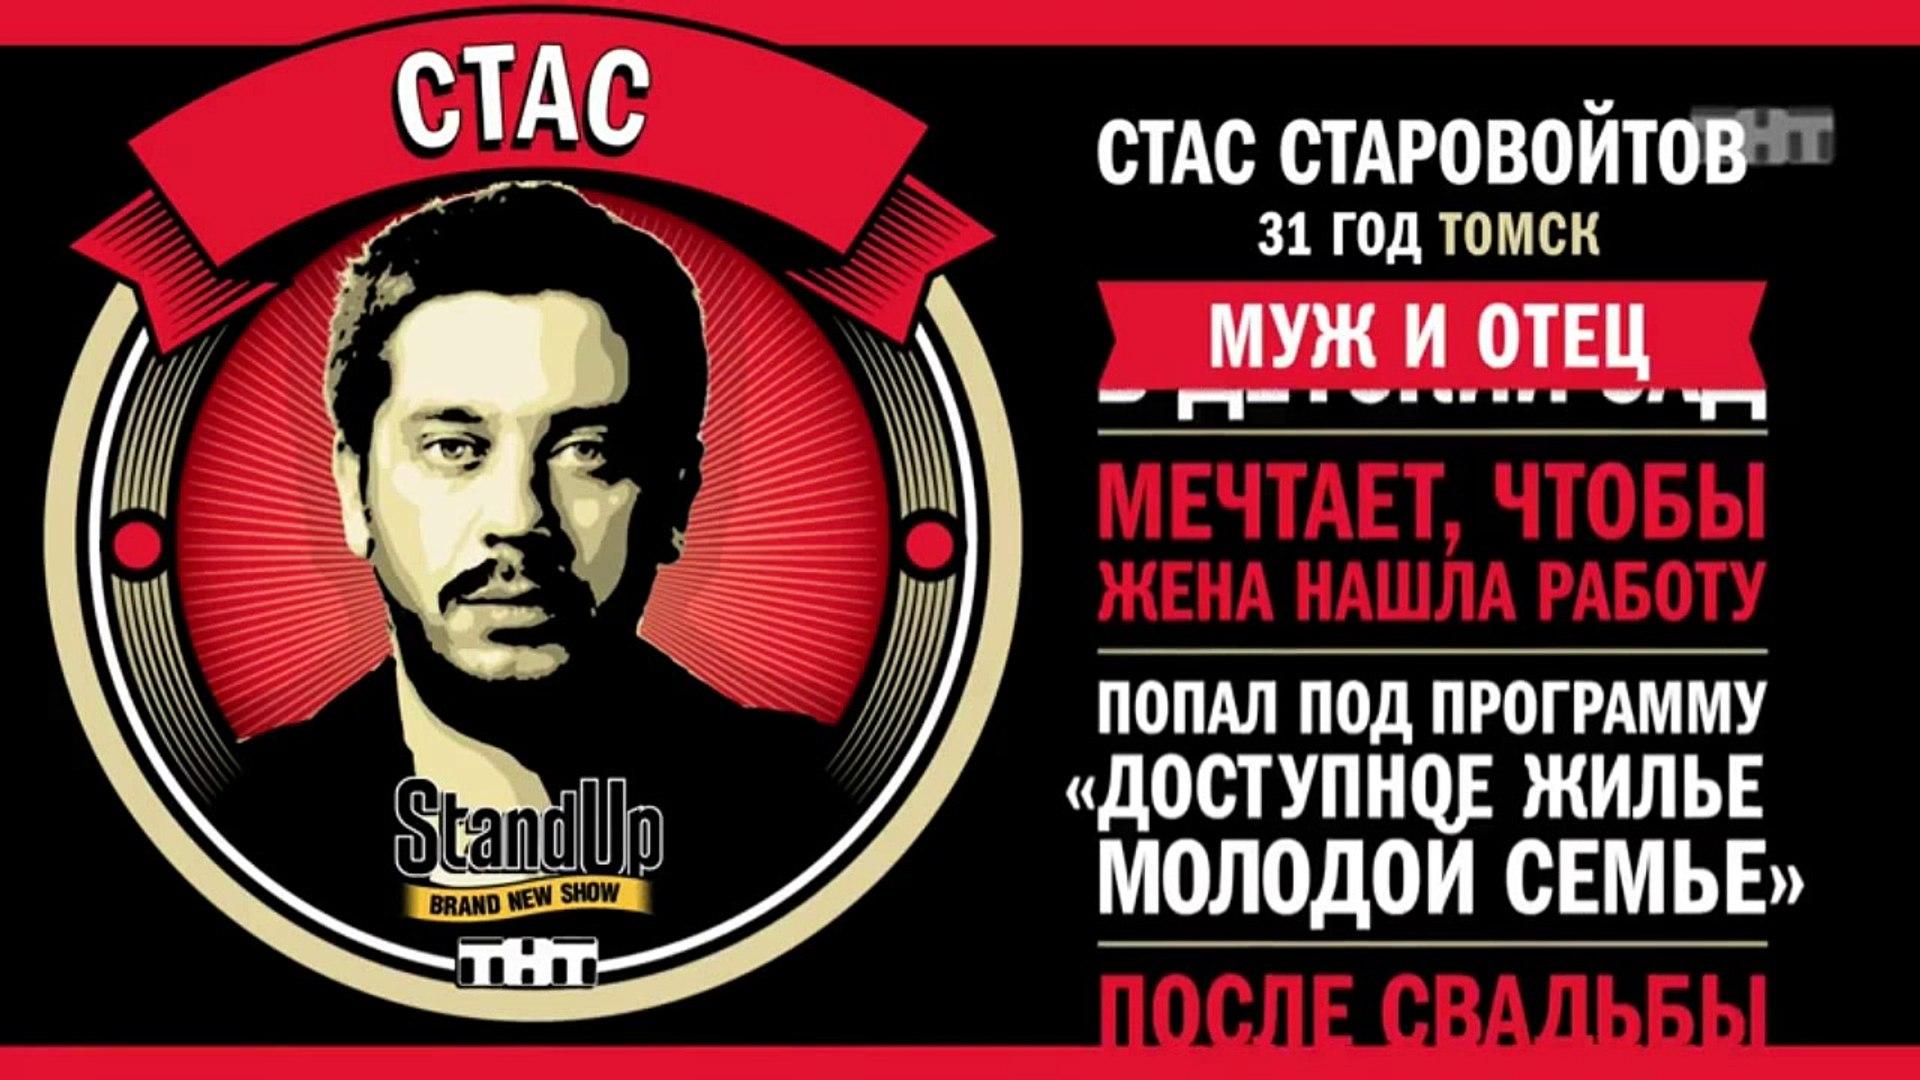 Stand Up: Стас Старовойтов - О доступном жилье, коробках и зоне любви